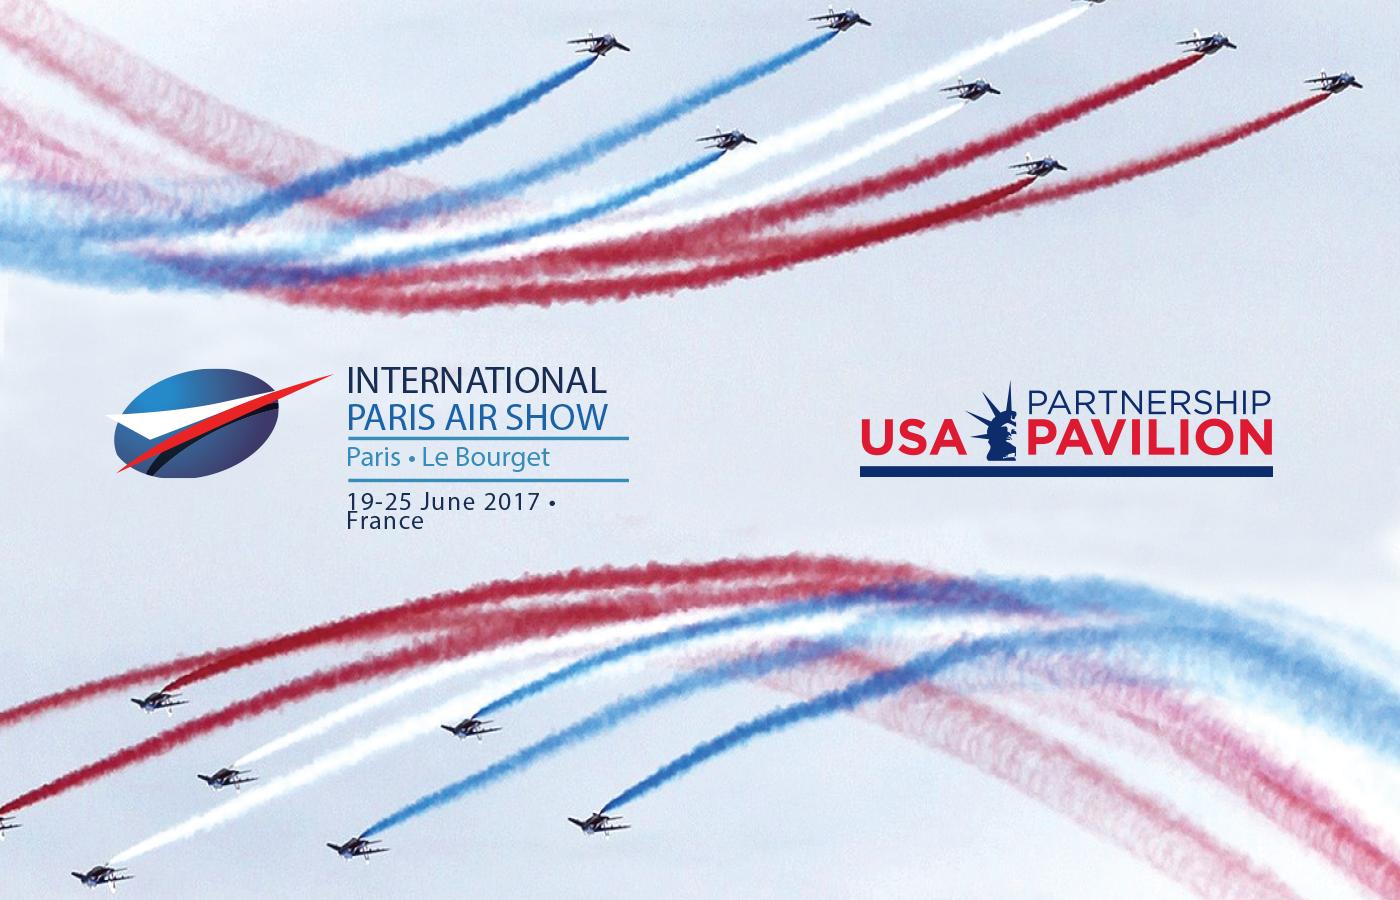 International-Paris-Air-Show-2017